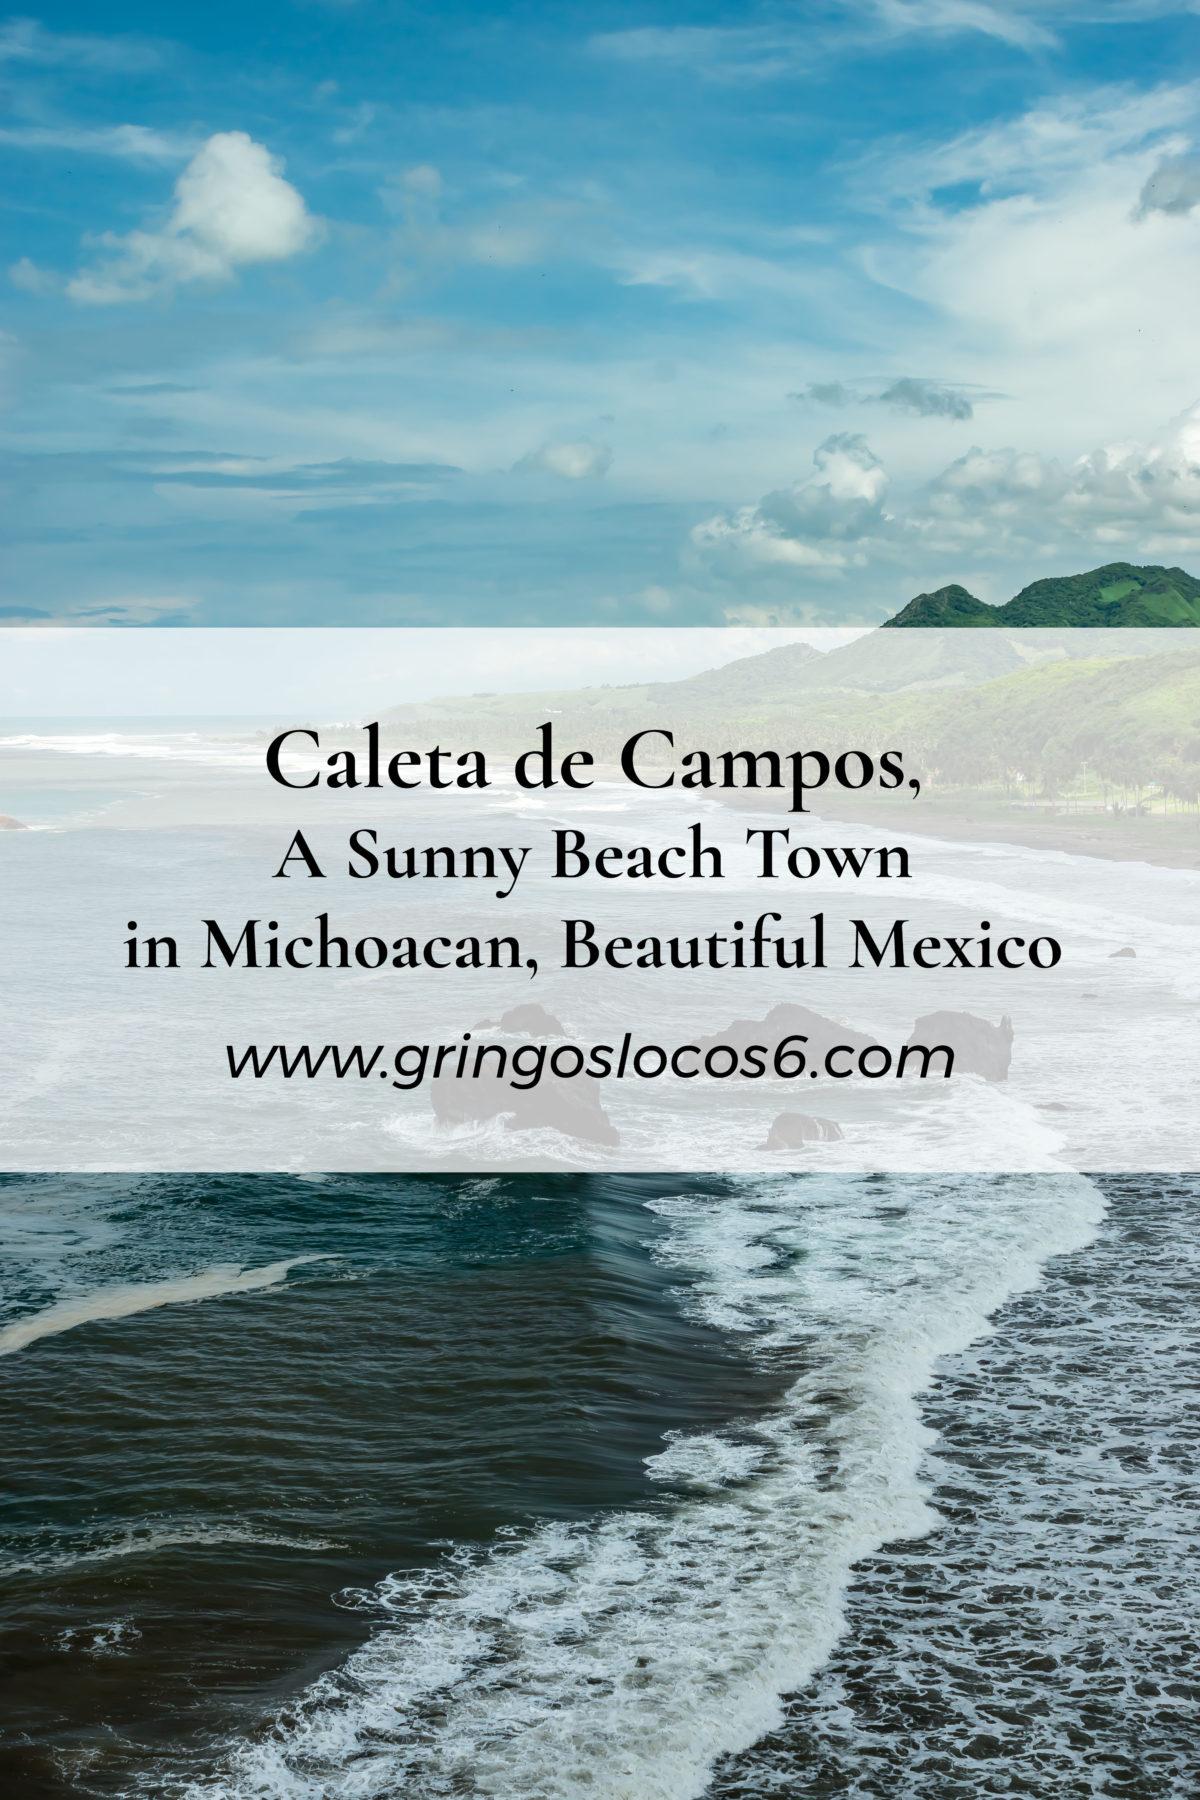 Caleta de Campos is a sunny Michoacan beach where you can rent a beautiful cliffside home, enjoy the town itself, and visit the surrounding beaches. Enjoy my photoblog of Caleta de Campos :-)